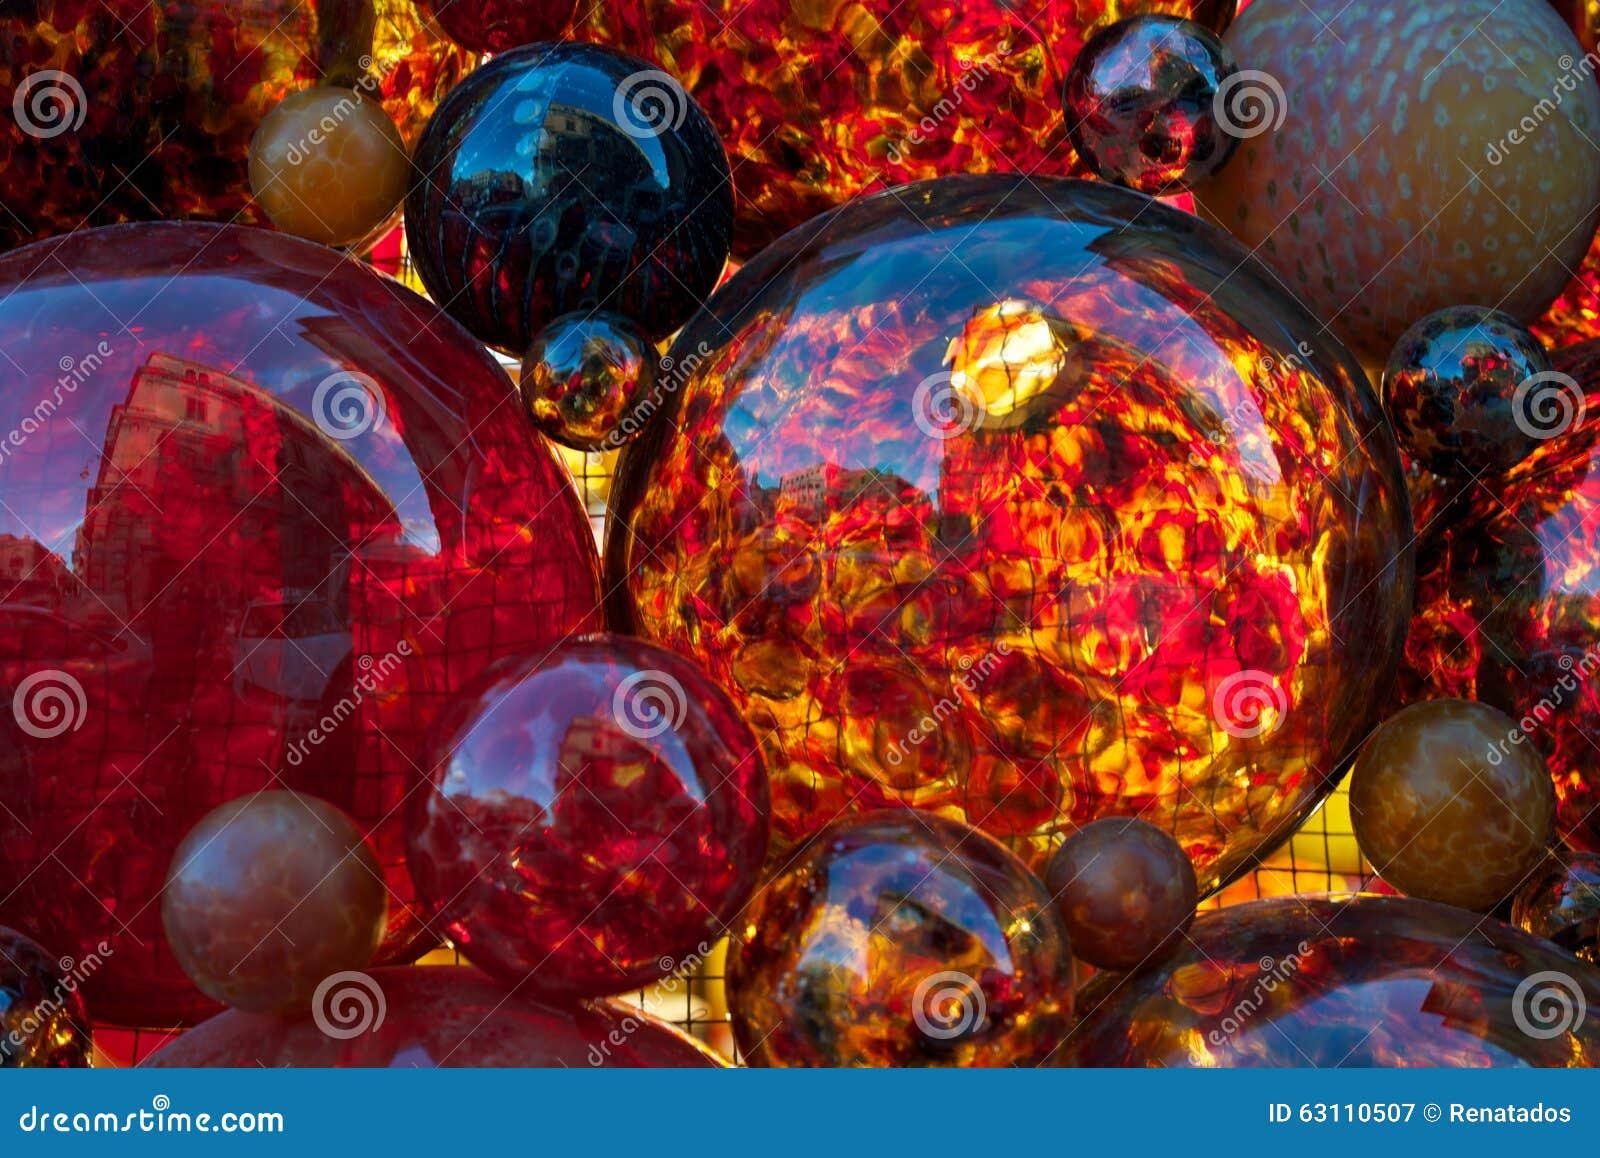 Wunderbar Download Rote Dekoration, Rotes Glas, Weihnachtsdekor, Rote Glasblasen,  Fragment, Rote Farbe